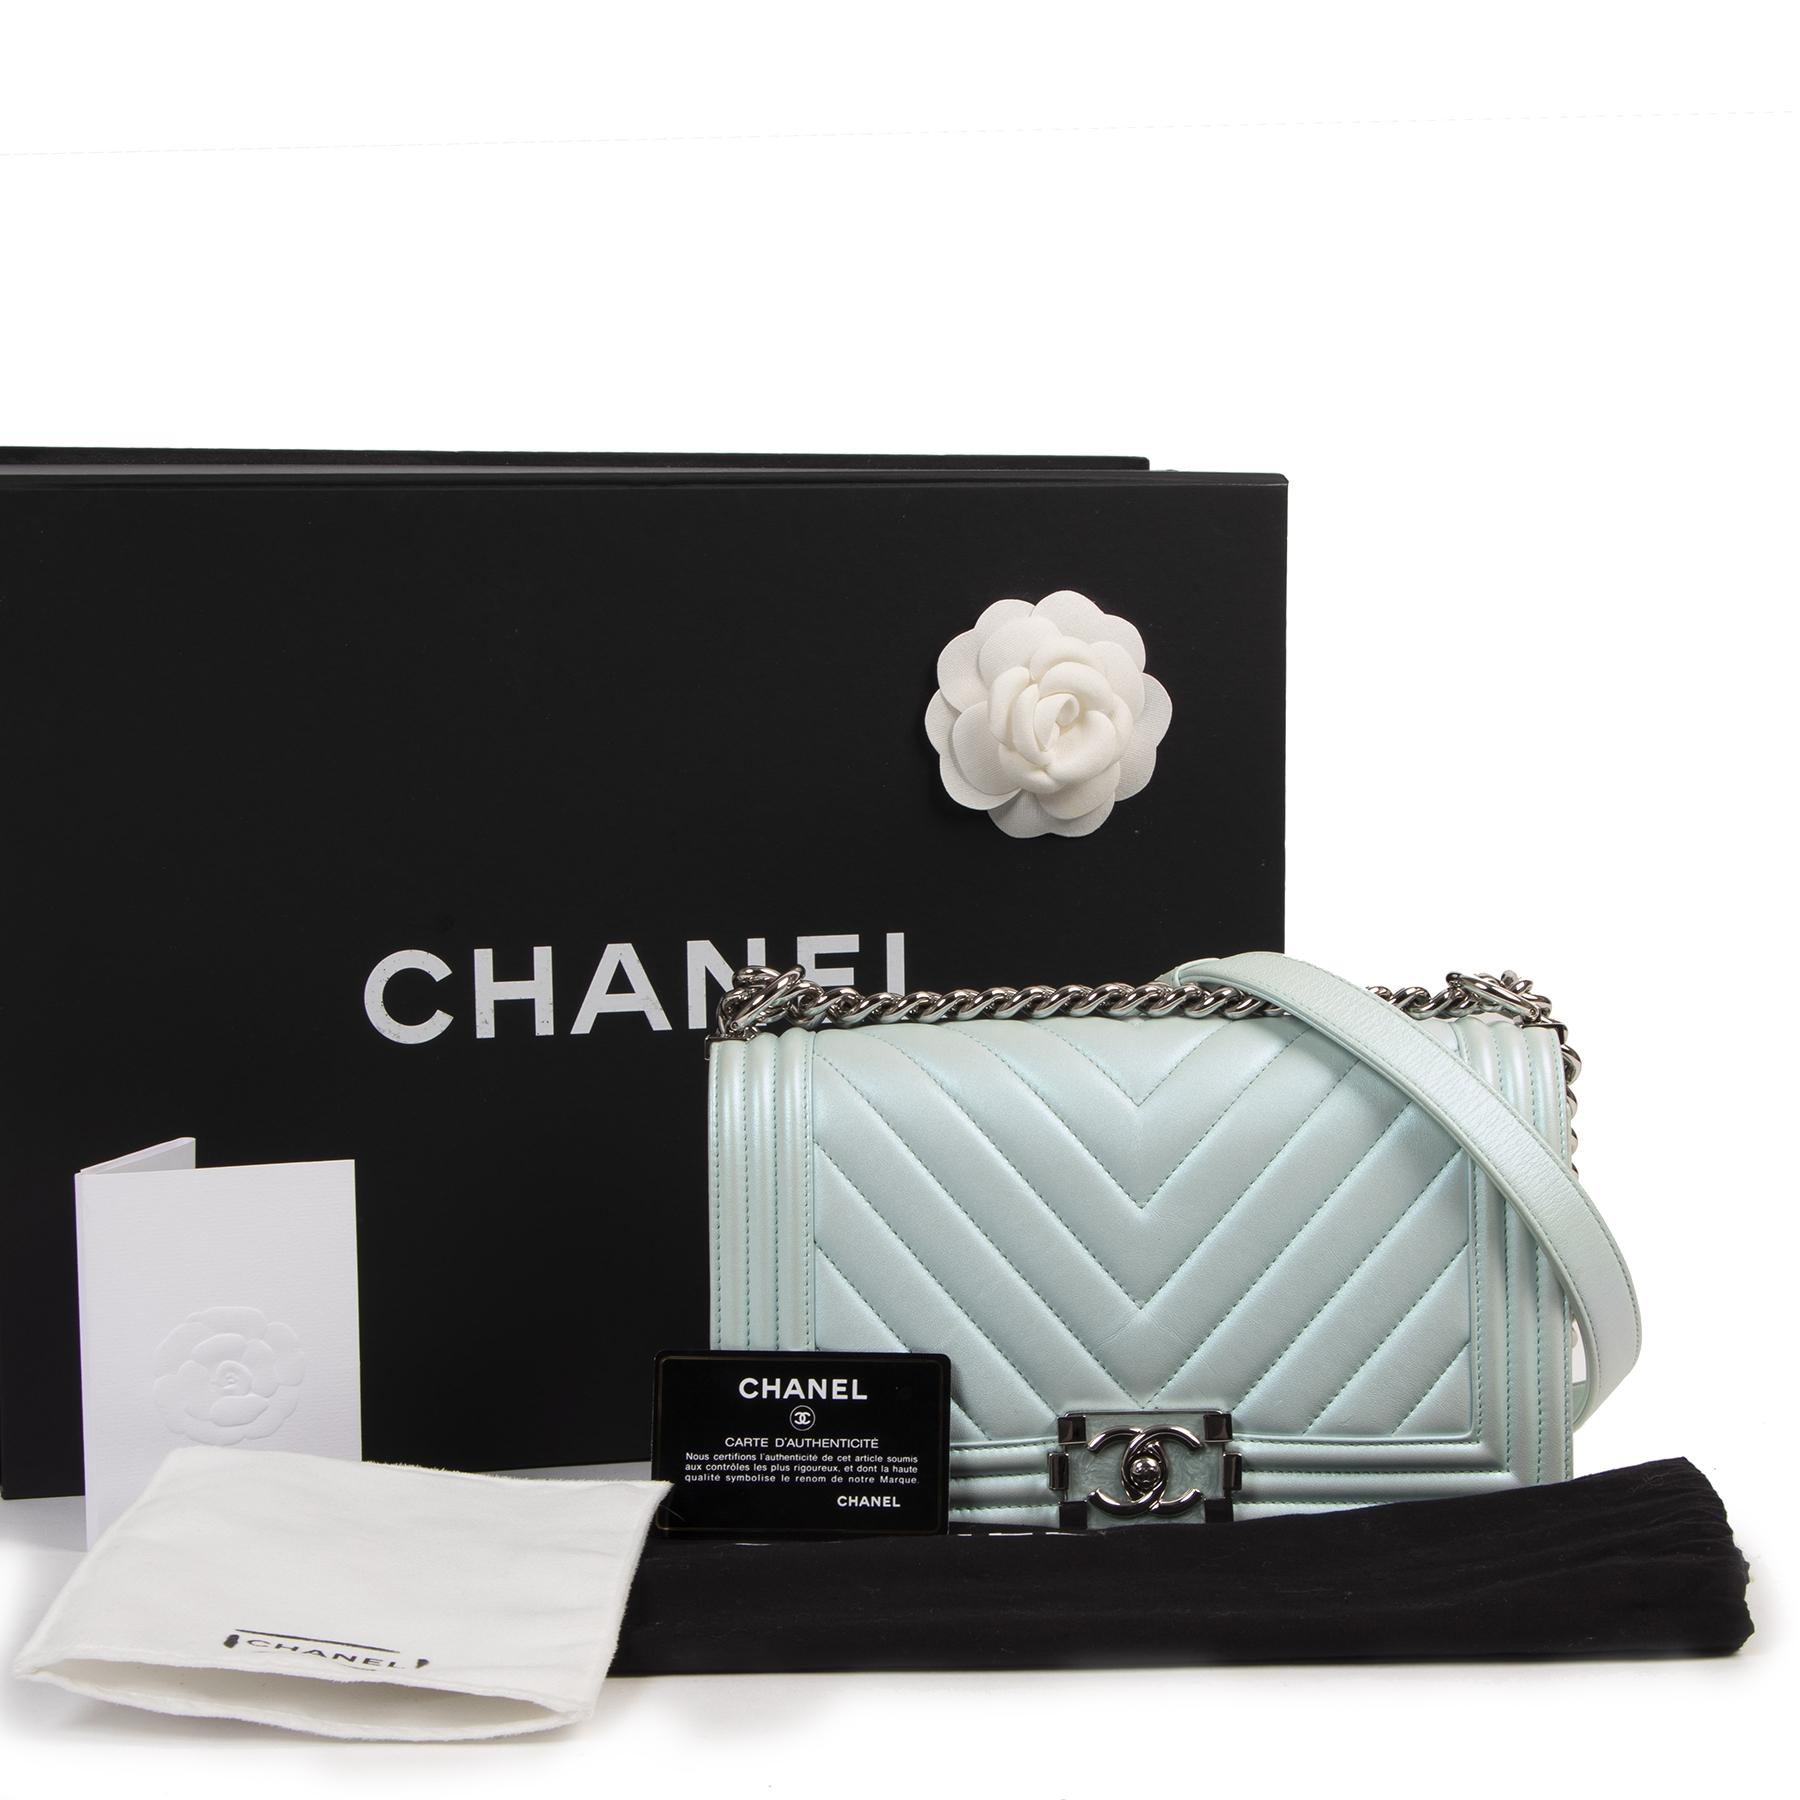 Authentieke Tweedehands Chanel Metallic Light Blue Lambskin Chevron Quilted Medium Boy Flap juiste prijs veilig online shoppen luxe merken webshop winkelen Antwerpen België mode fashion